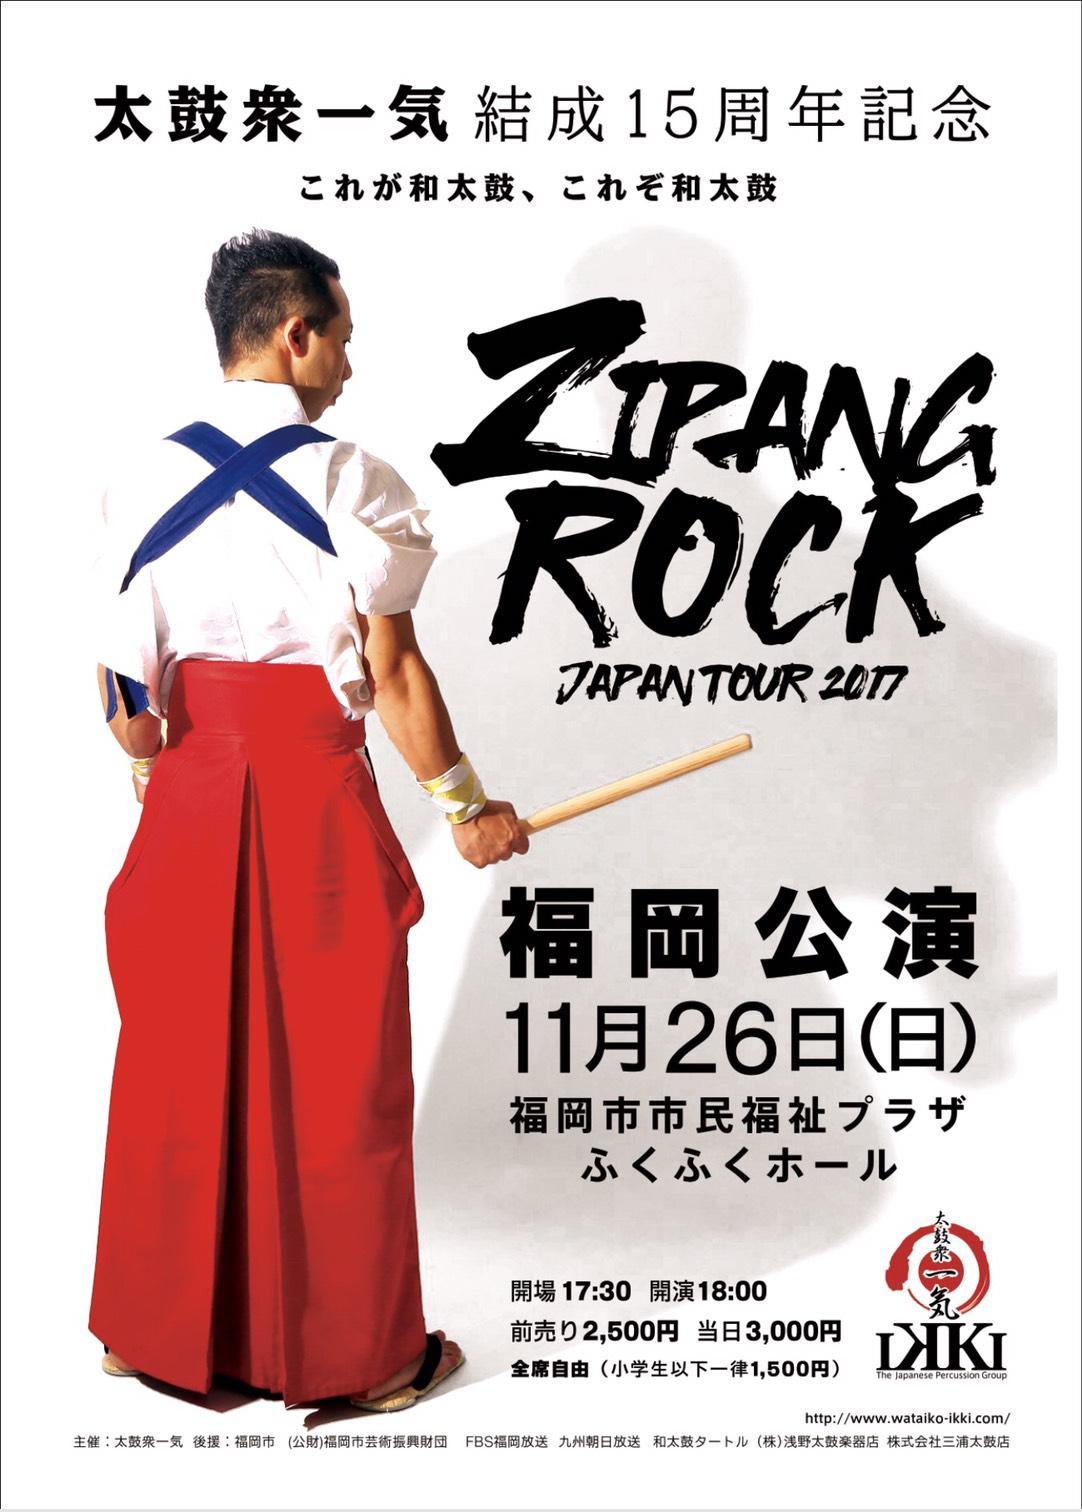 太鼓衆一気結成15周年記念 -ZIPANG ROCK- Japan Tour 2017 福岡公演